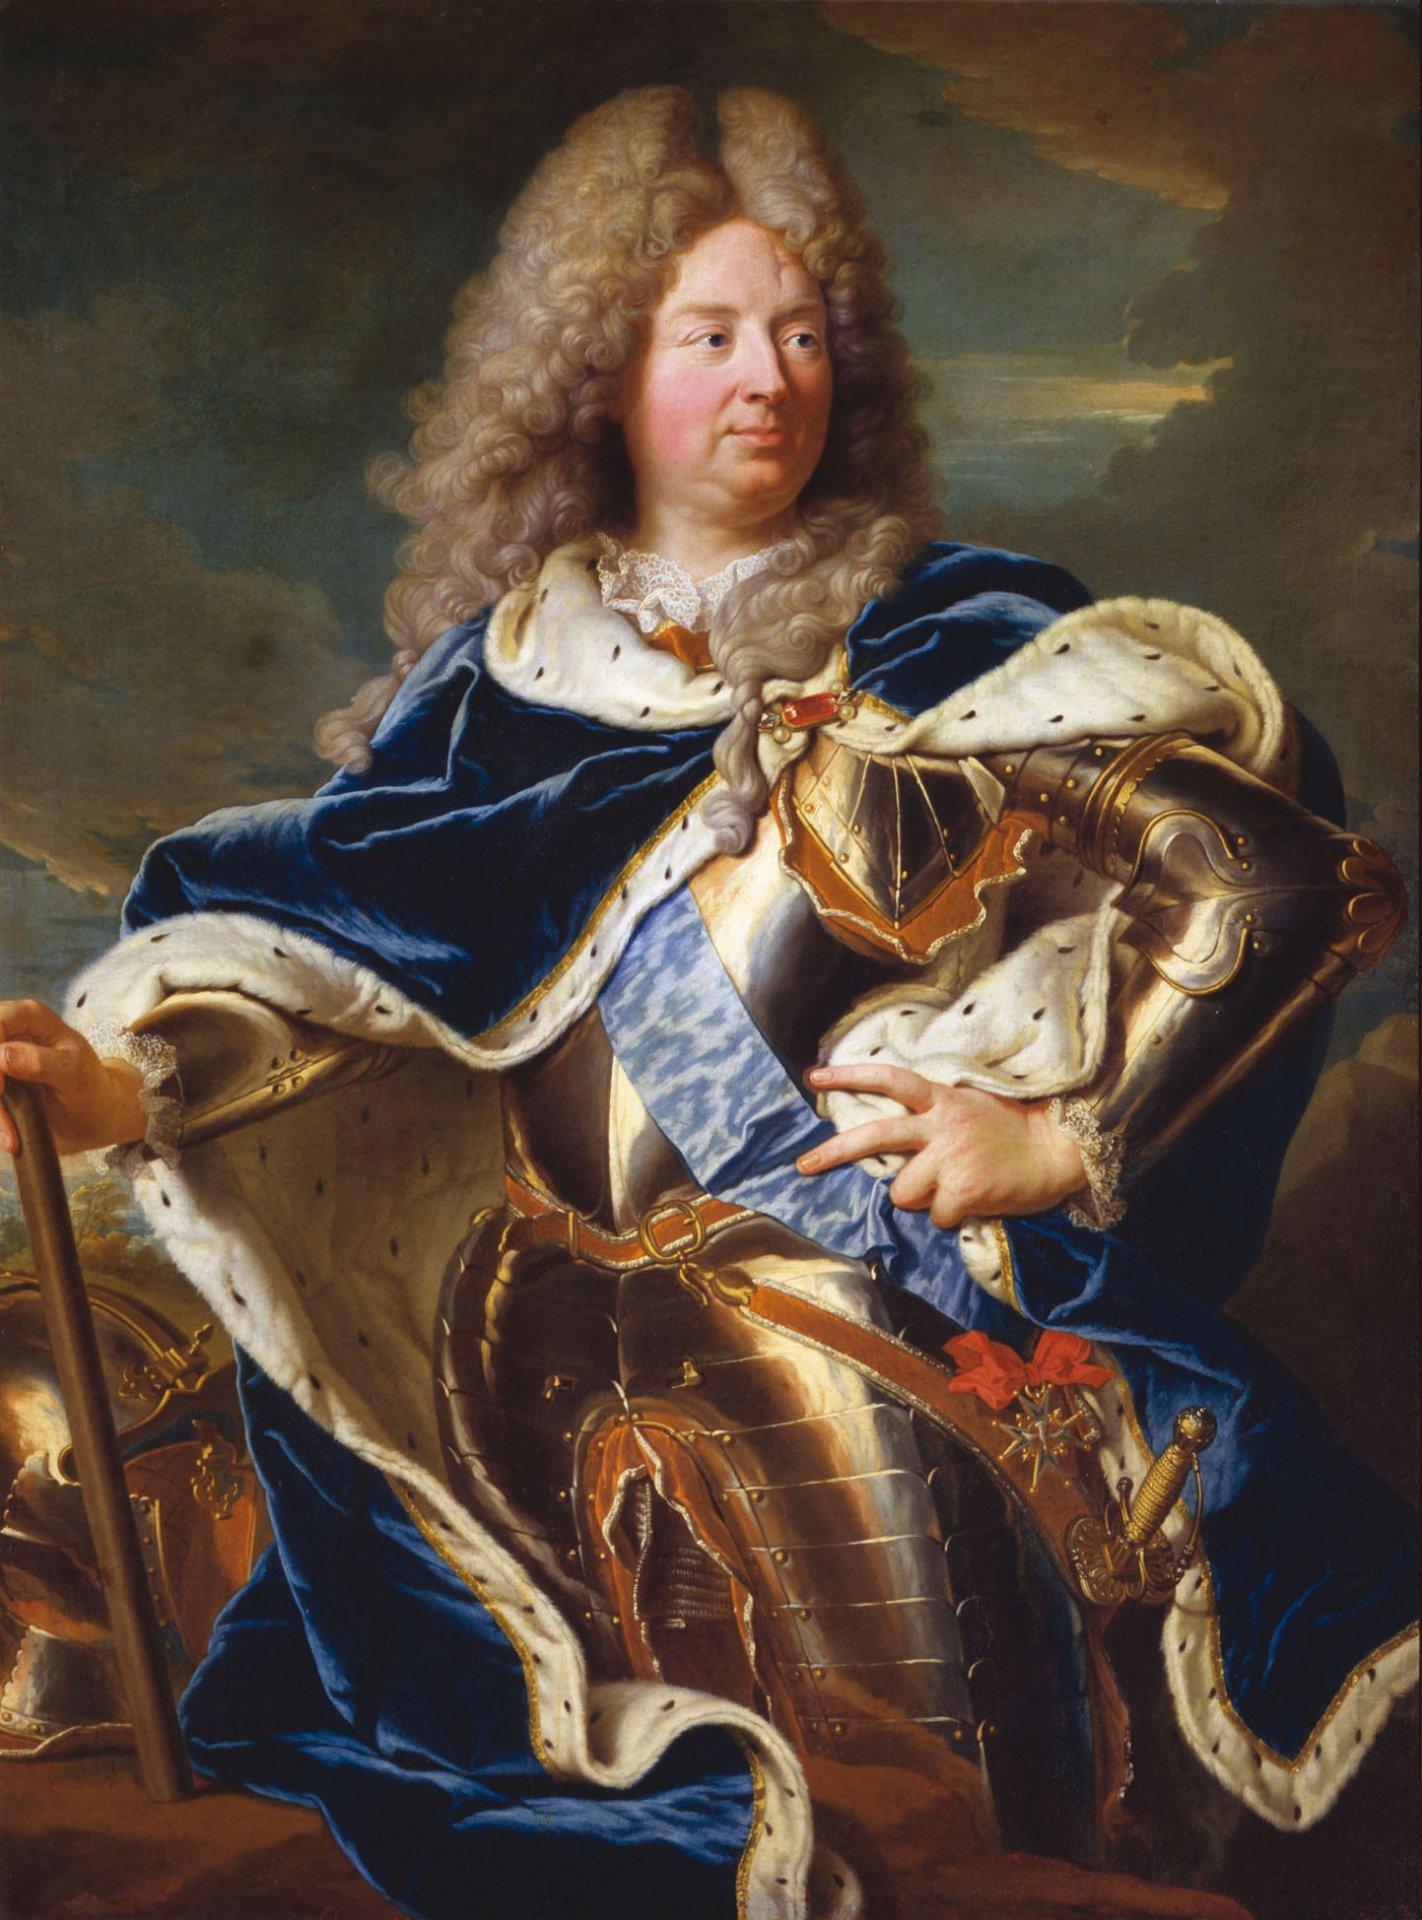 Луи де Пардайан Гондрэн (фр. Louis de Pardaillan de Gondrin, 1707—1743), первый герцог де Антин